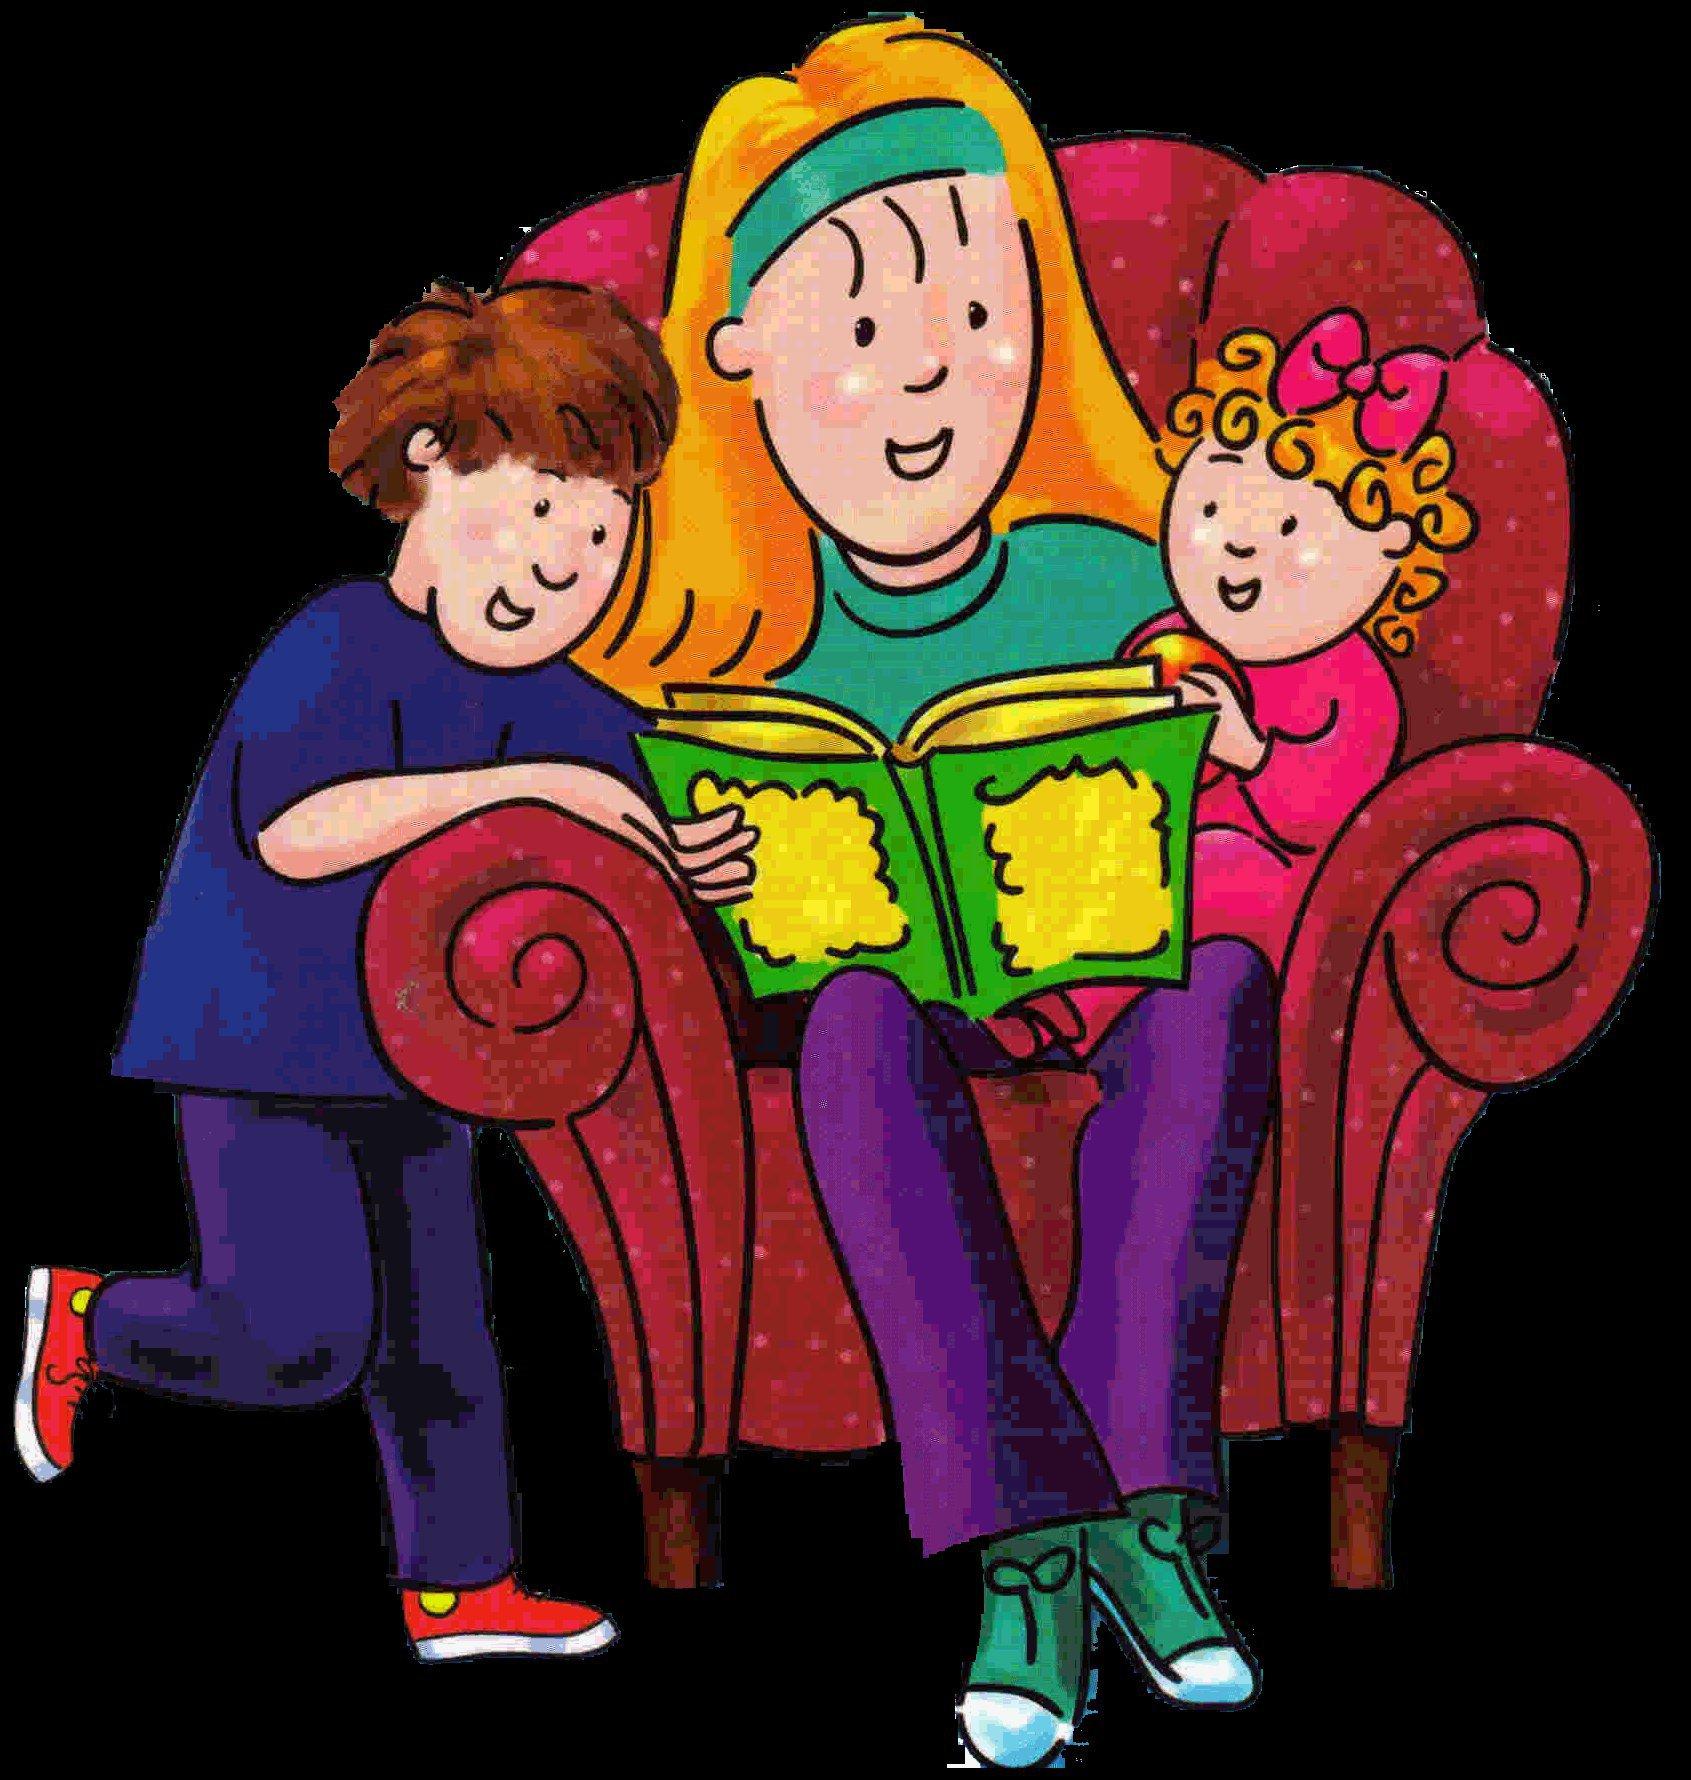 Opatríme Vaše detičky - v príjemnom pros - Služby a rôzne  cd3ae4c016d